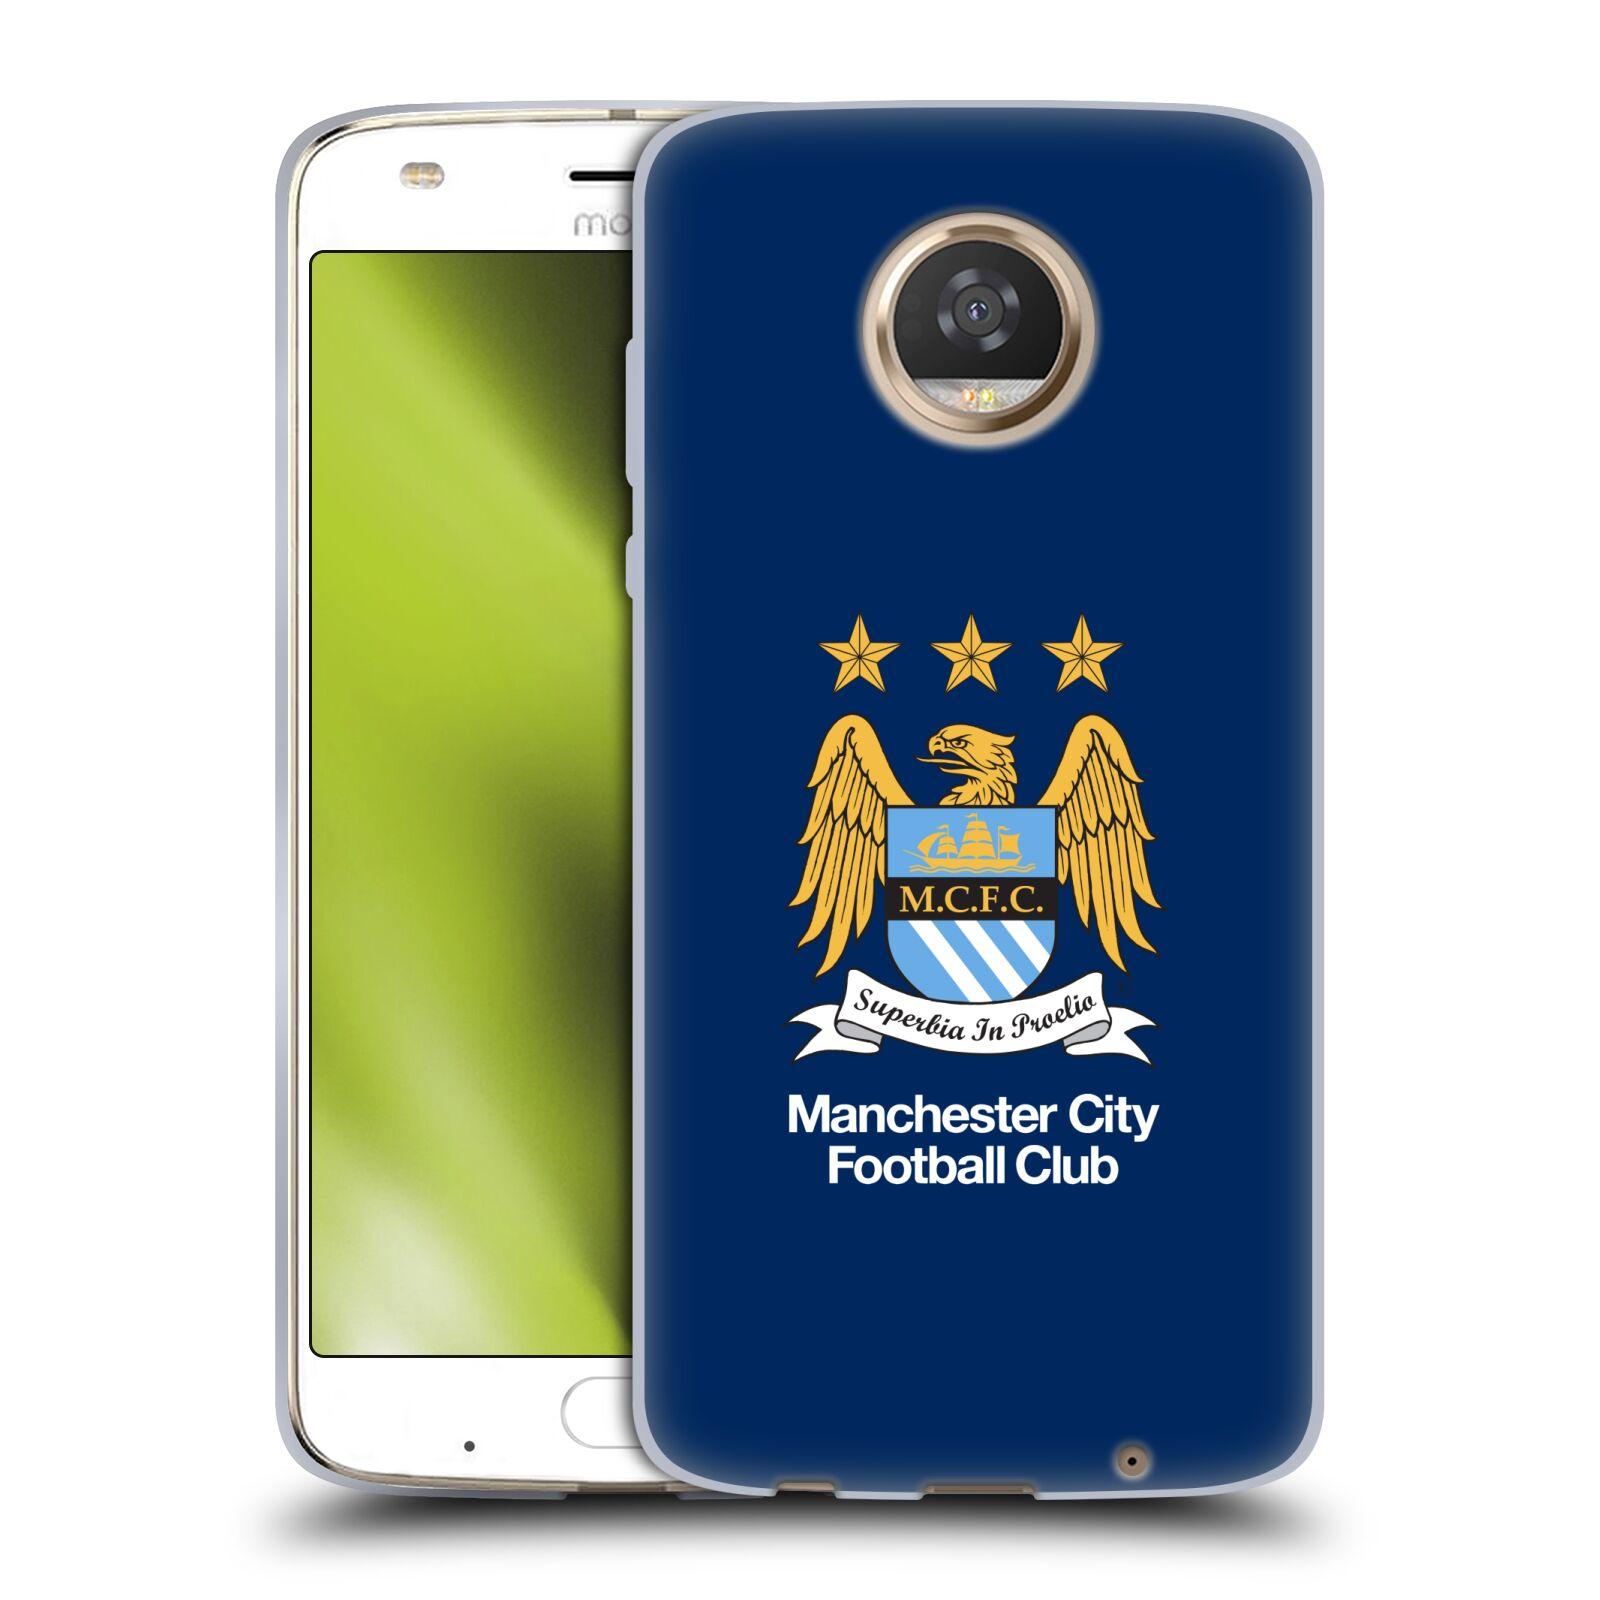 HEAD CASE silikonový obal na mobil Motorola Moto Z2 PLAY Fotbalový klub Manchester City modré pozadí velký znak